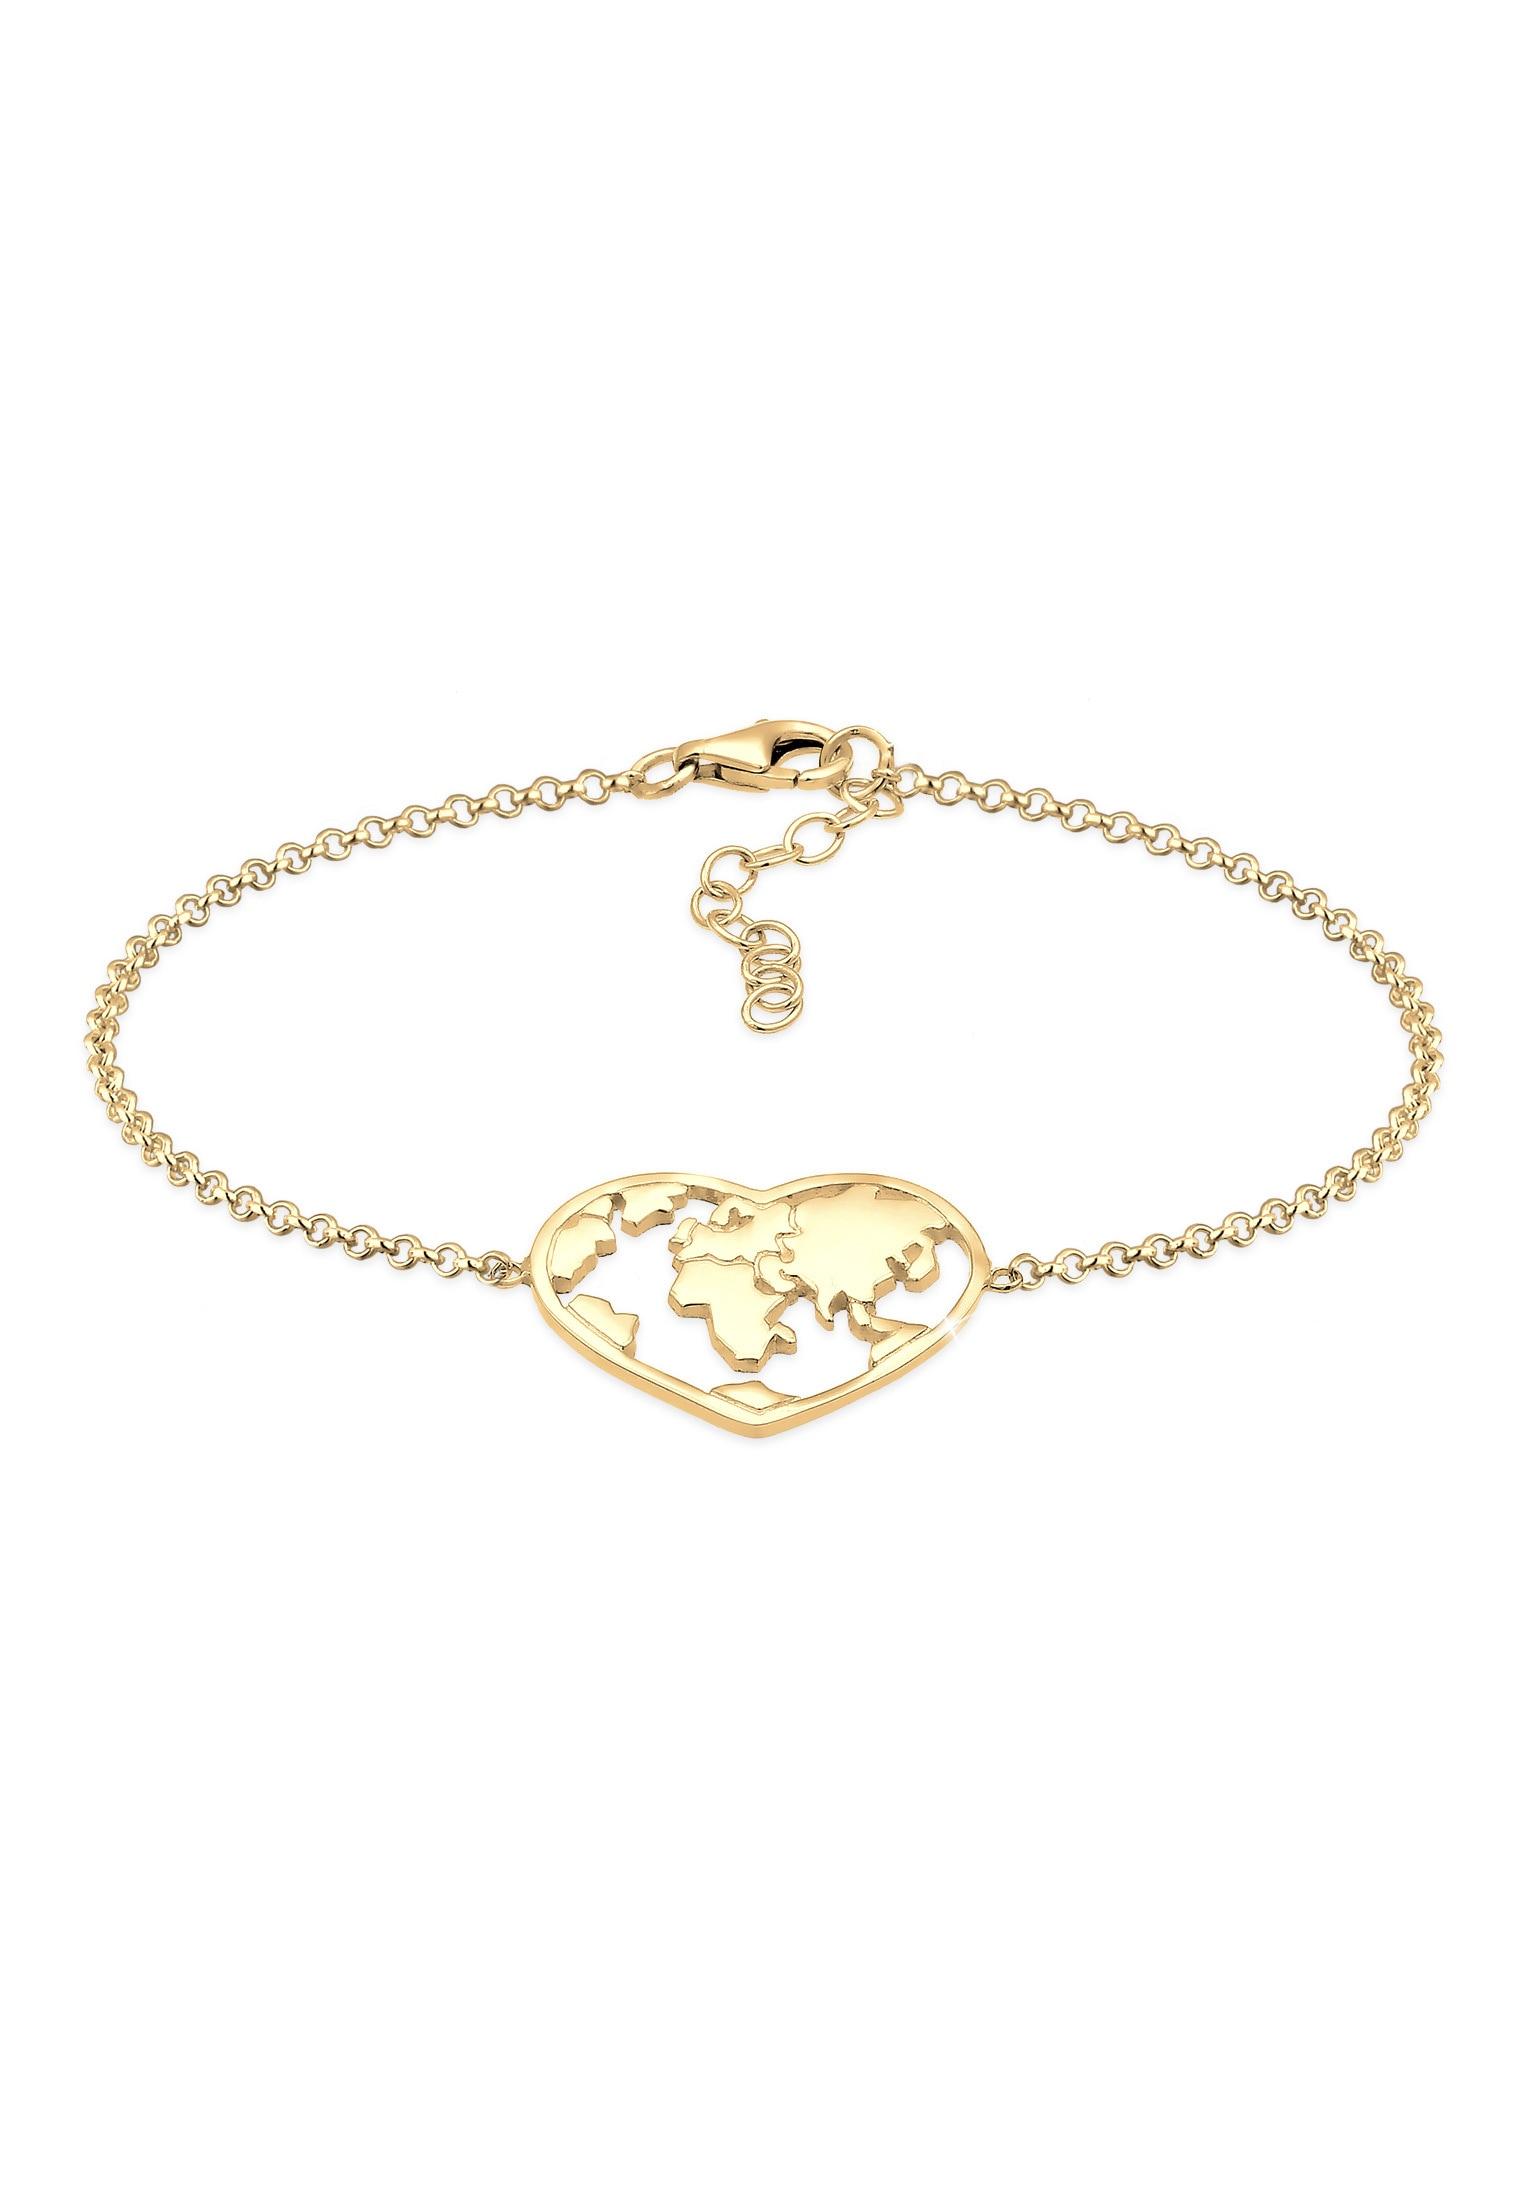 Armband Weltkugel Globus Reise Nylon Bändchen 925 Silber, Rosegold, 16 cm